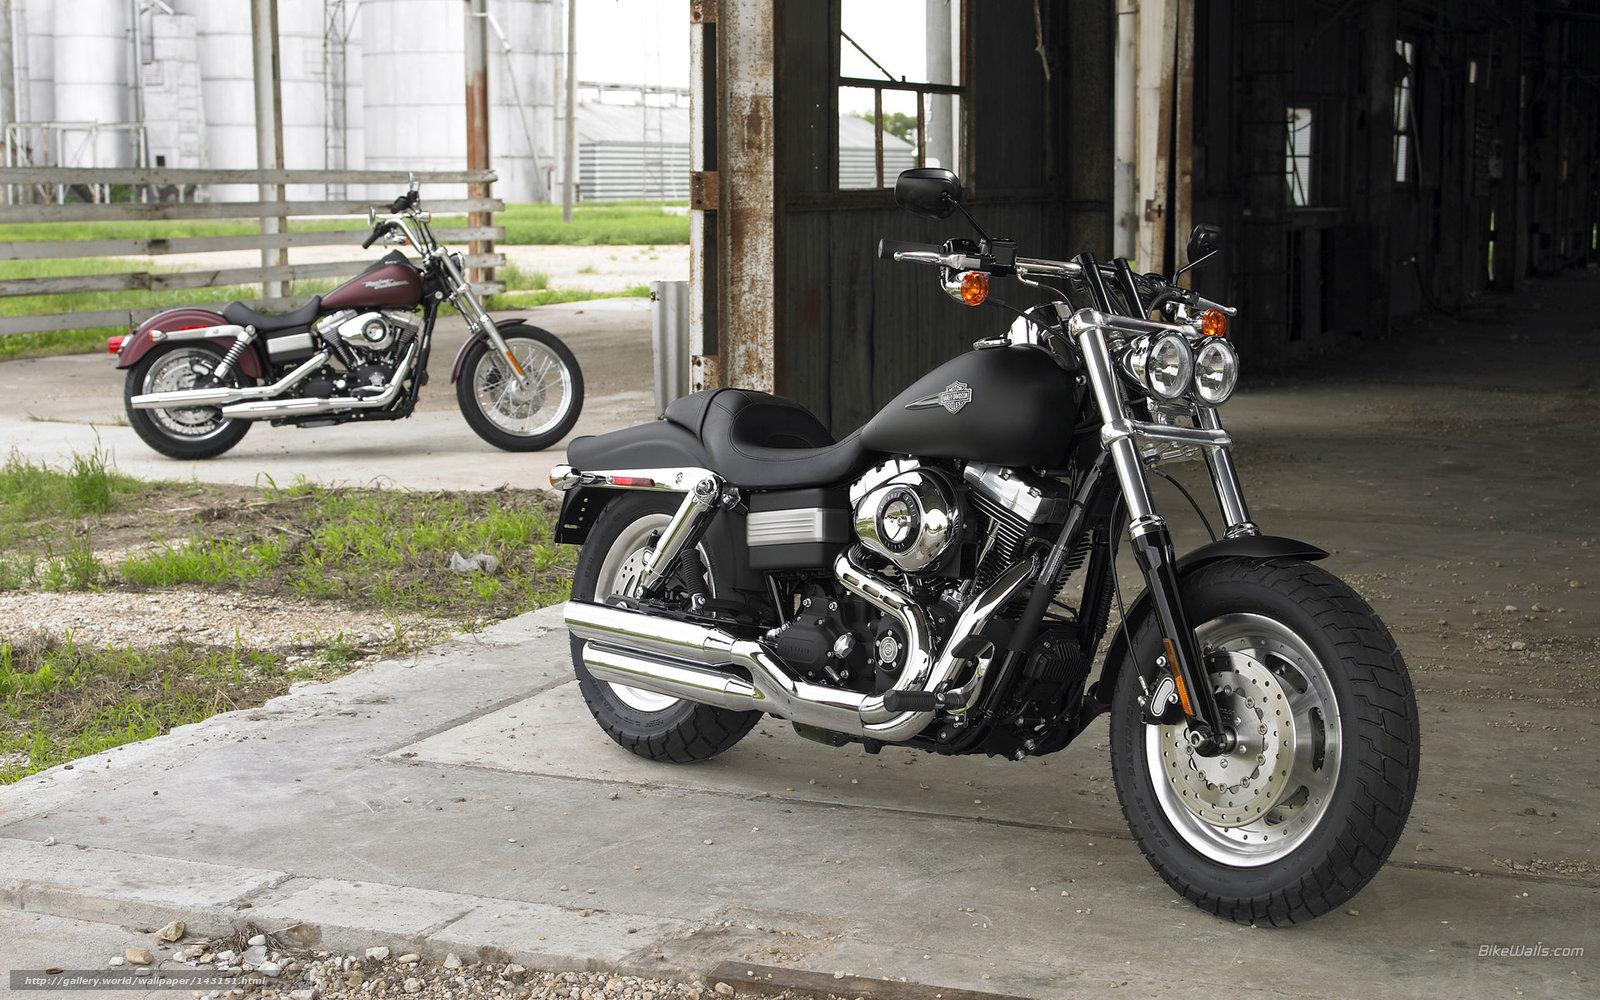 Used 2008 Harley Davidson Fxdc Dyna Super Glide Custom For: Download Wallpaper Harley-Davidson, Dyna, FXDC Dyna Super